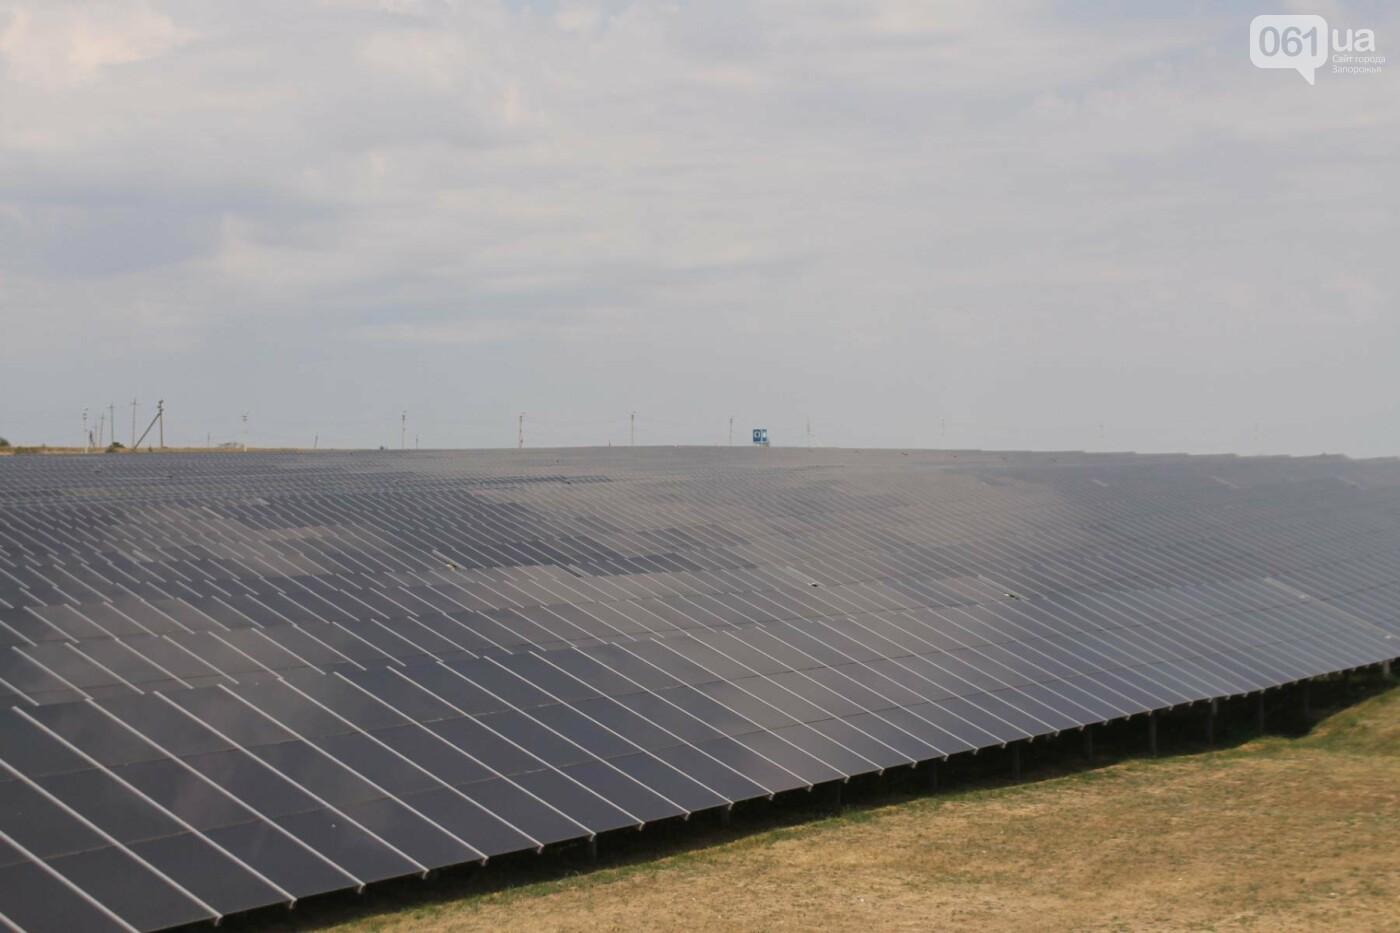 Как в Запорожской области работает крупнейшая в Украине солнечная станция: экскурсия на производство, — ФОТОРЕПОРТАЖ, фото-41